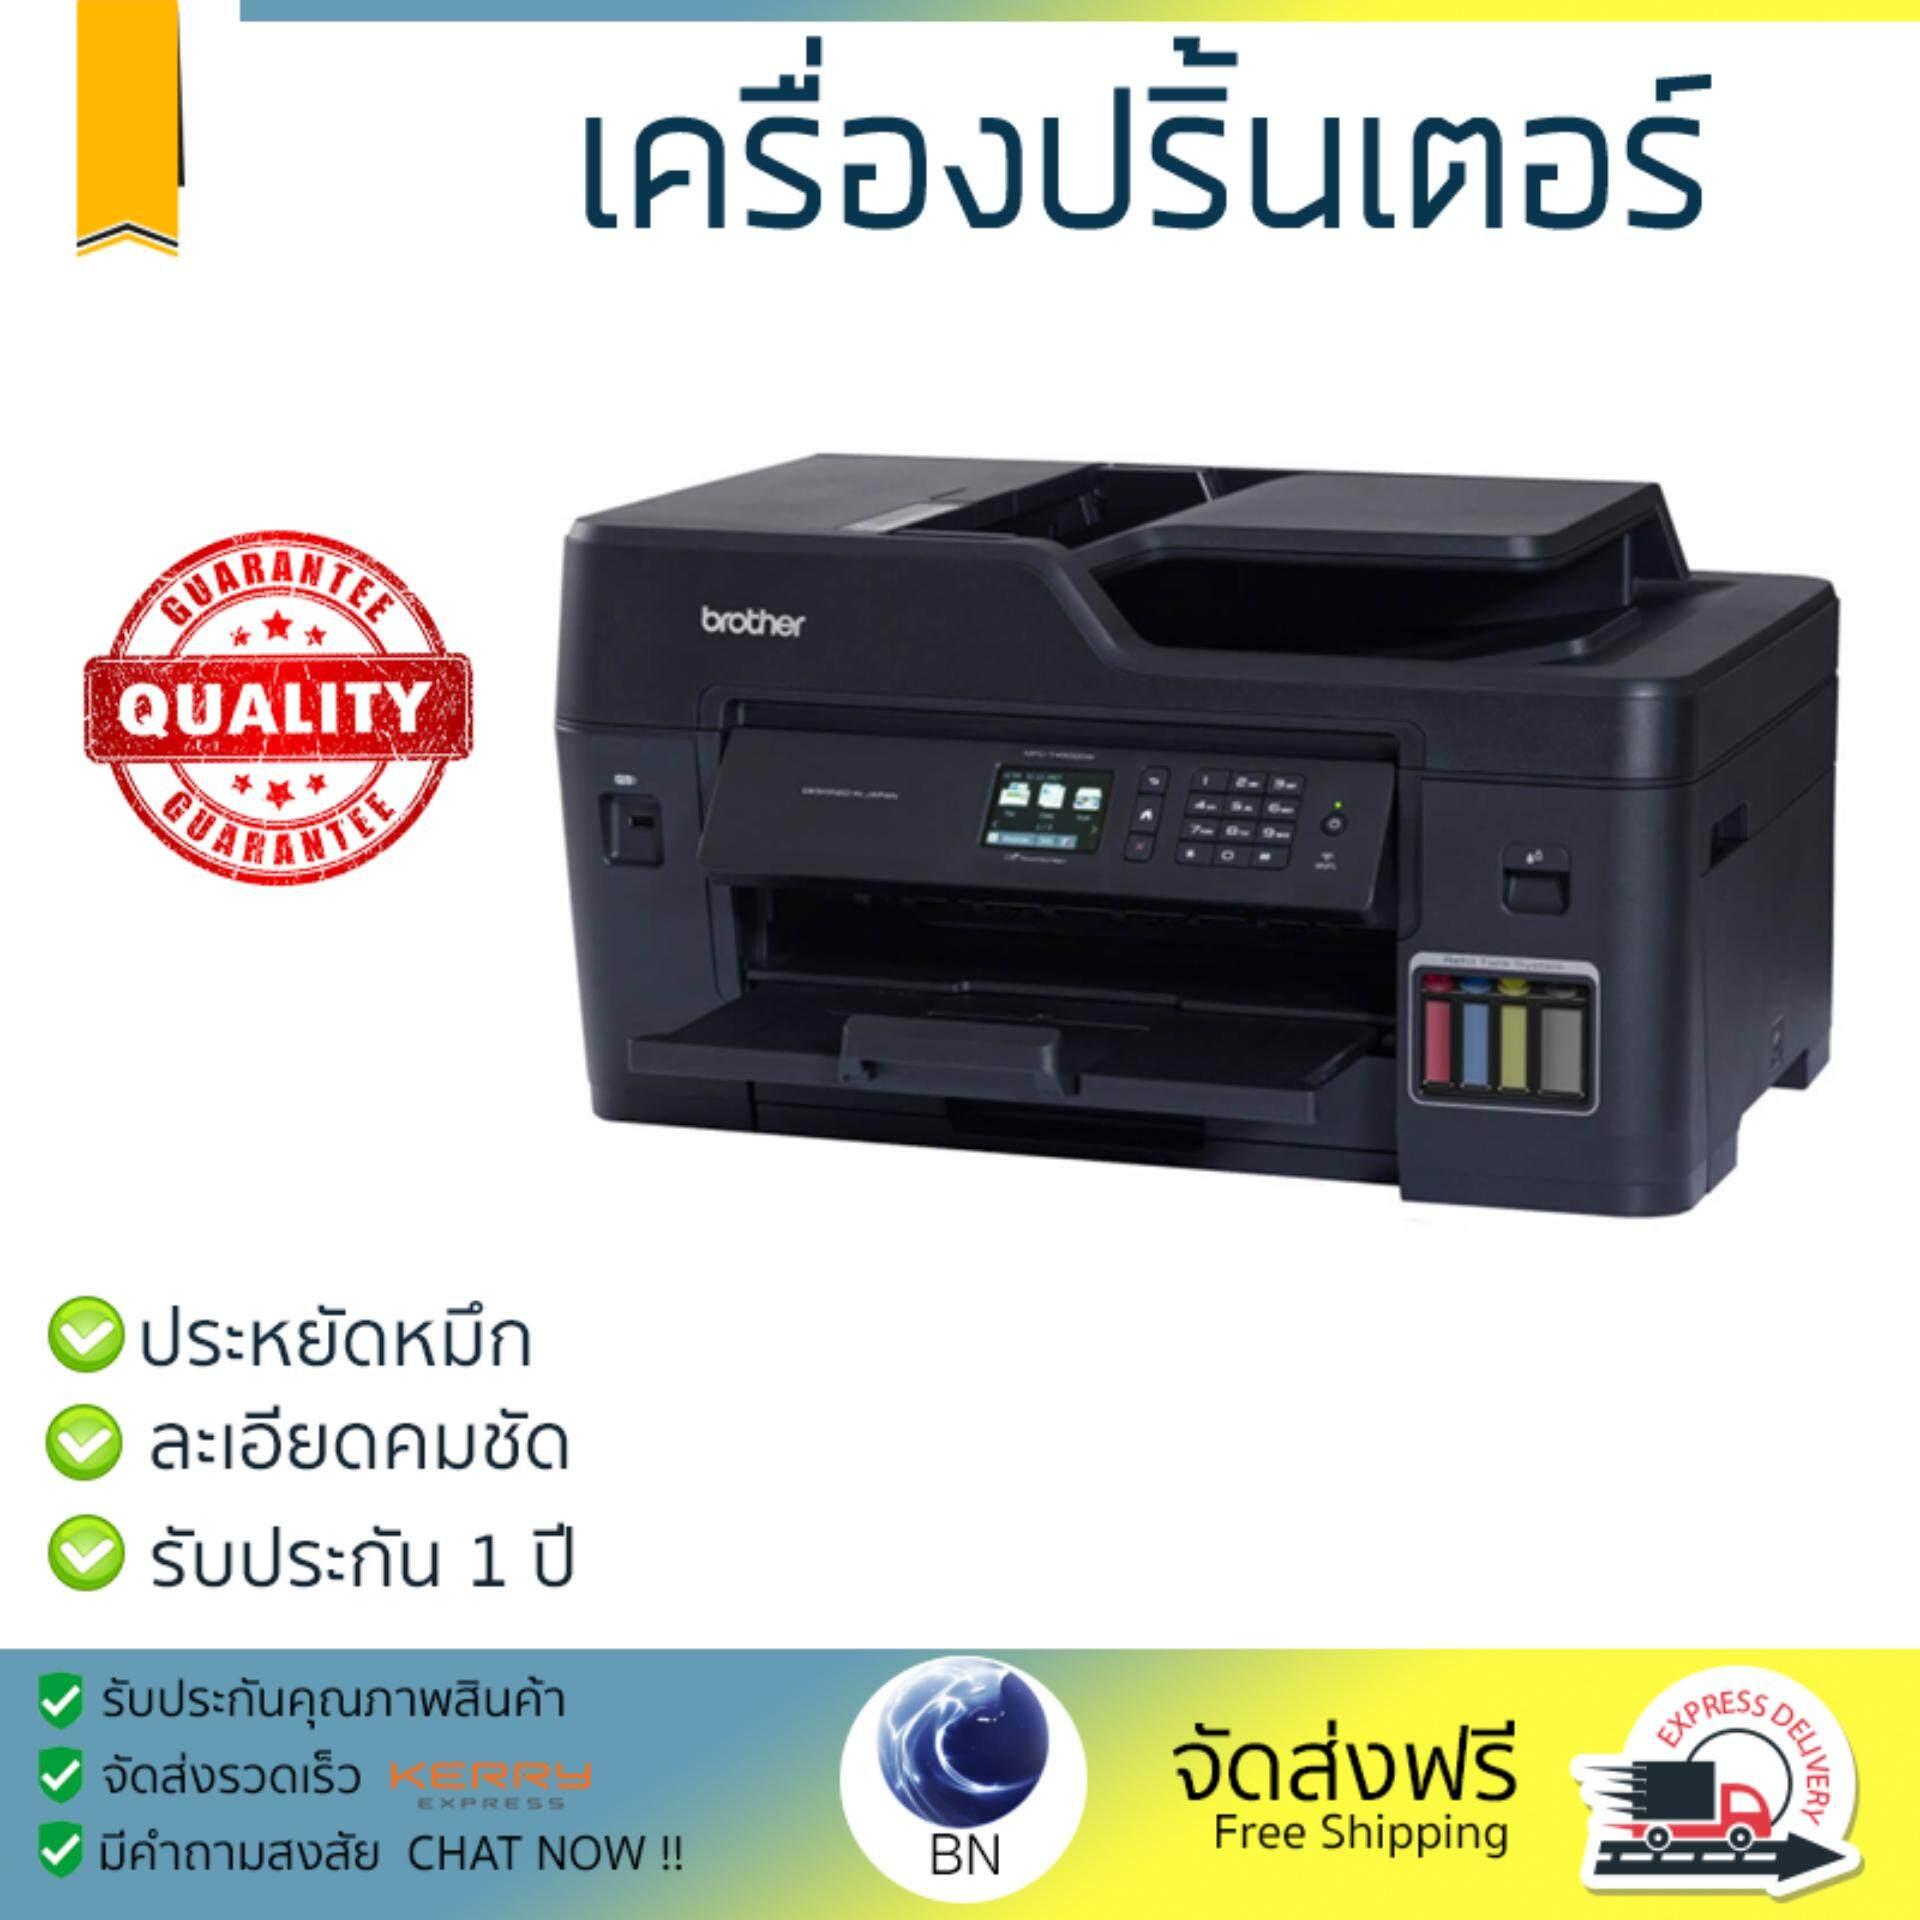 ลดสุดๆ โปรโมชัน เครื่องพิมพ์           BROTHER ออลอินวัน ปริ้นเตอร์ รุ่น MFC-T4500DW             ความละเอียดสูง คมชัด ประหยัดหมึก เครื่องปริ้น เครื่องปริ้นท์ All in one Printer รับประกันสินค้า 1 ปี จั